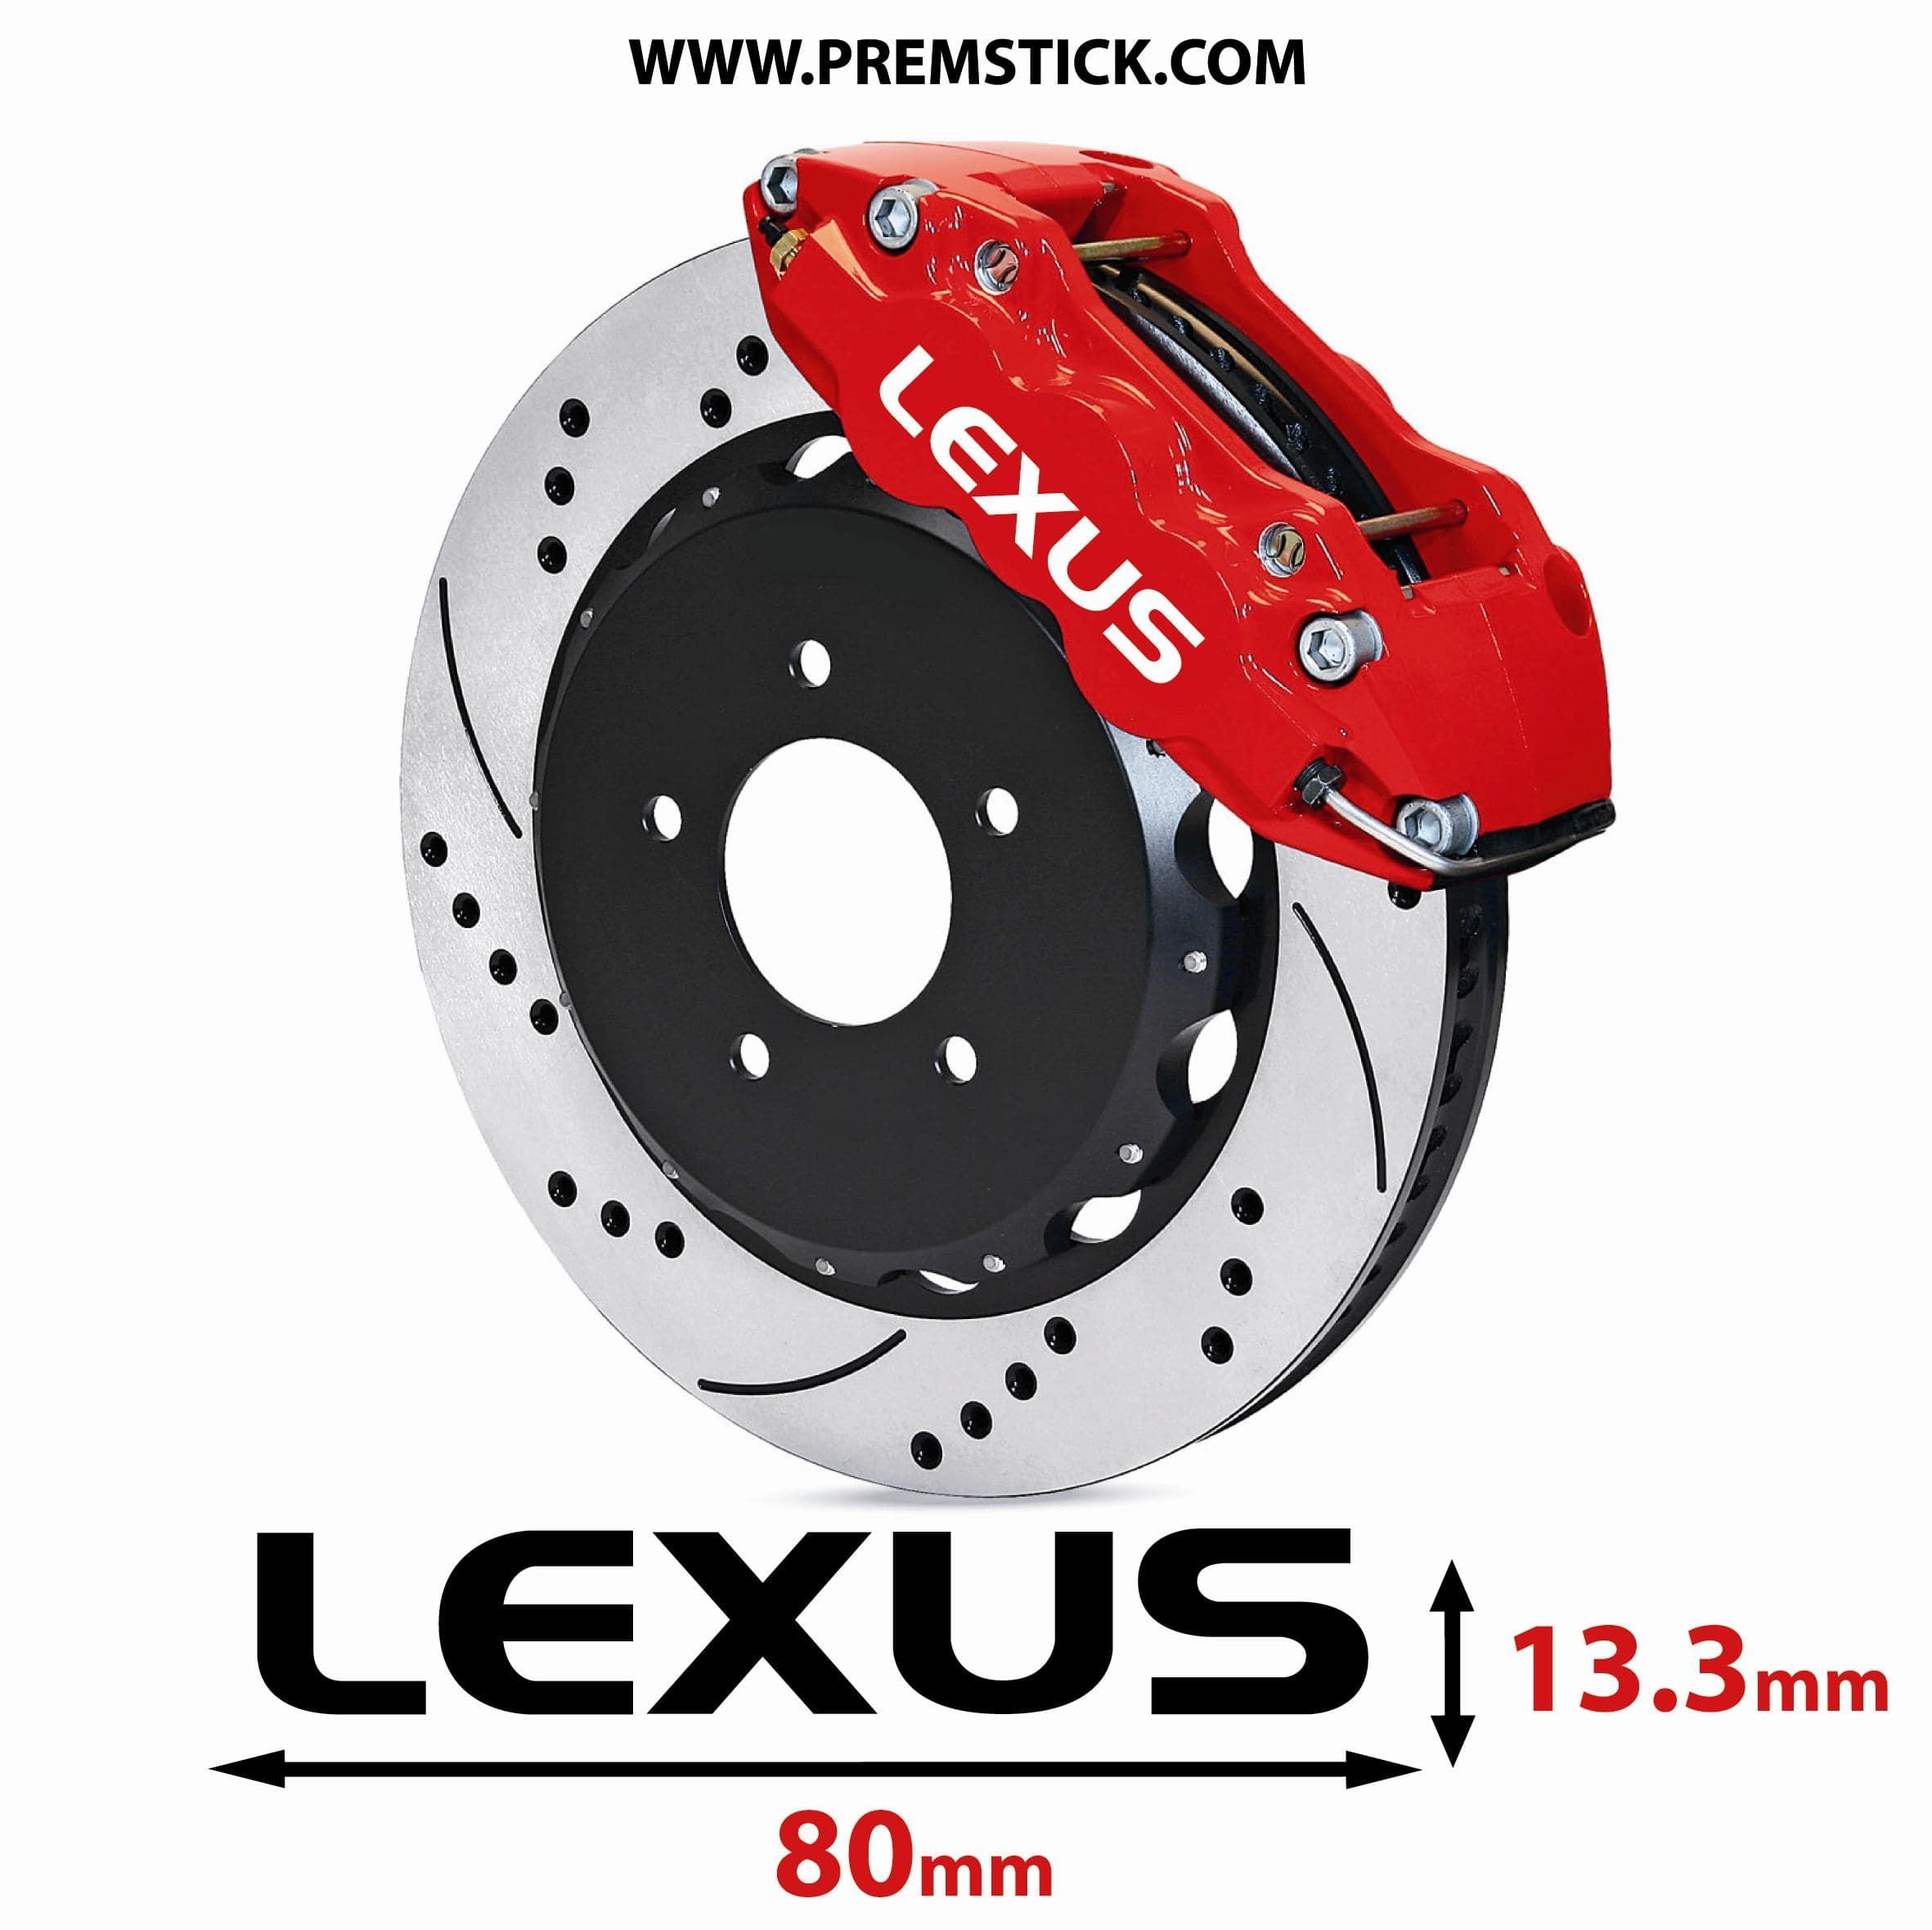 stickers-etrier-de-frein-lexus-ref1-autocollant-etriers-freins-logo-voiture-sticker-adhesif-auto-car-disque-plaquette-pneu-jantes-racing-tuning-sponsors-sport-min